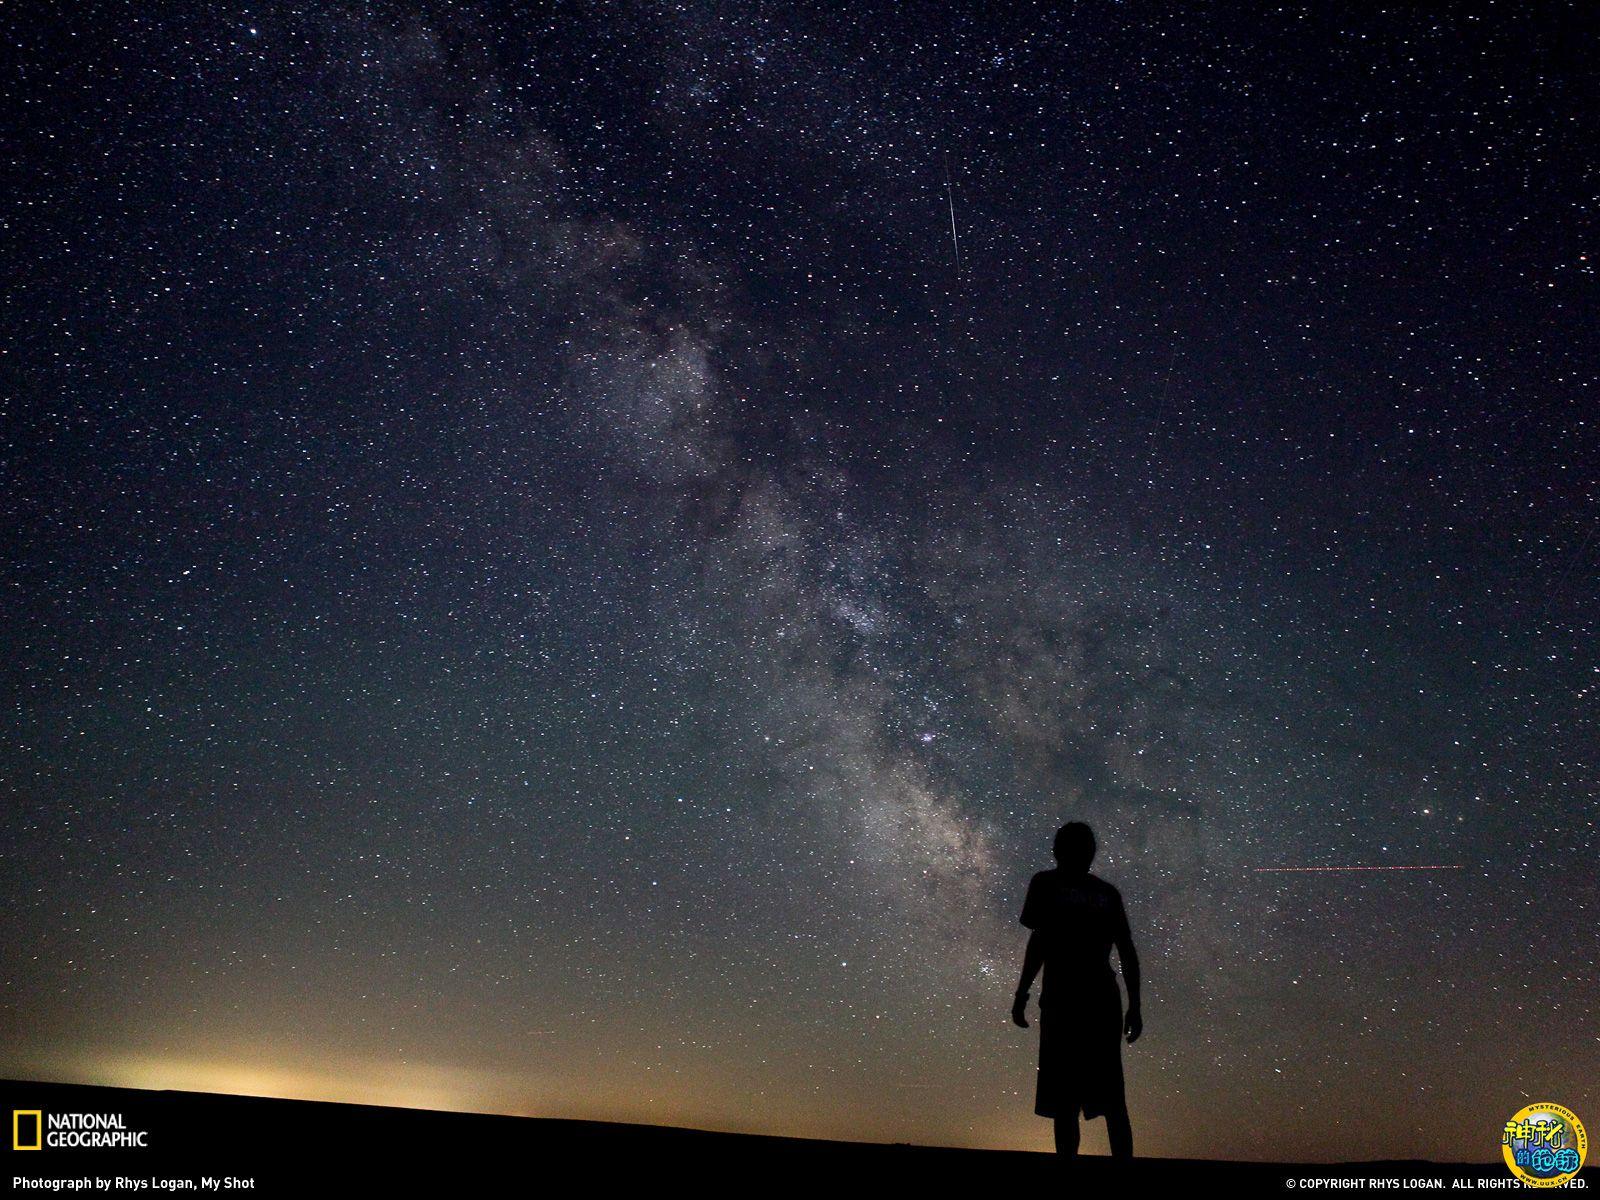 《原创》遥望夜空 - 枫叶 - 枫叶 8612